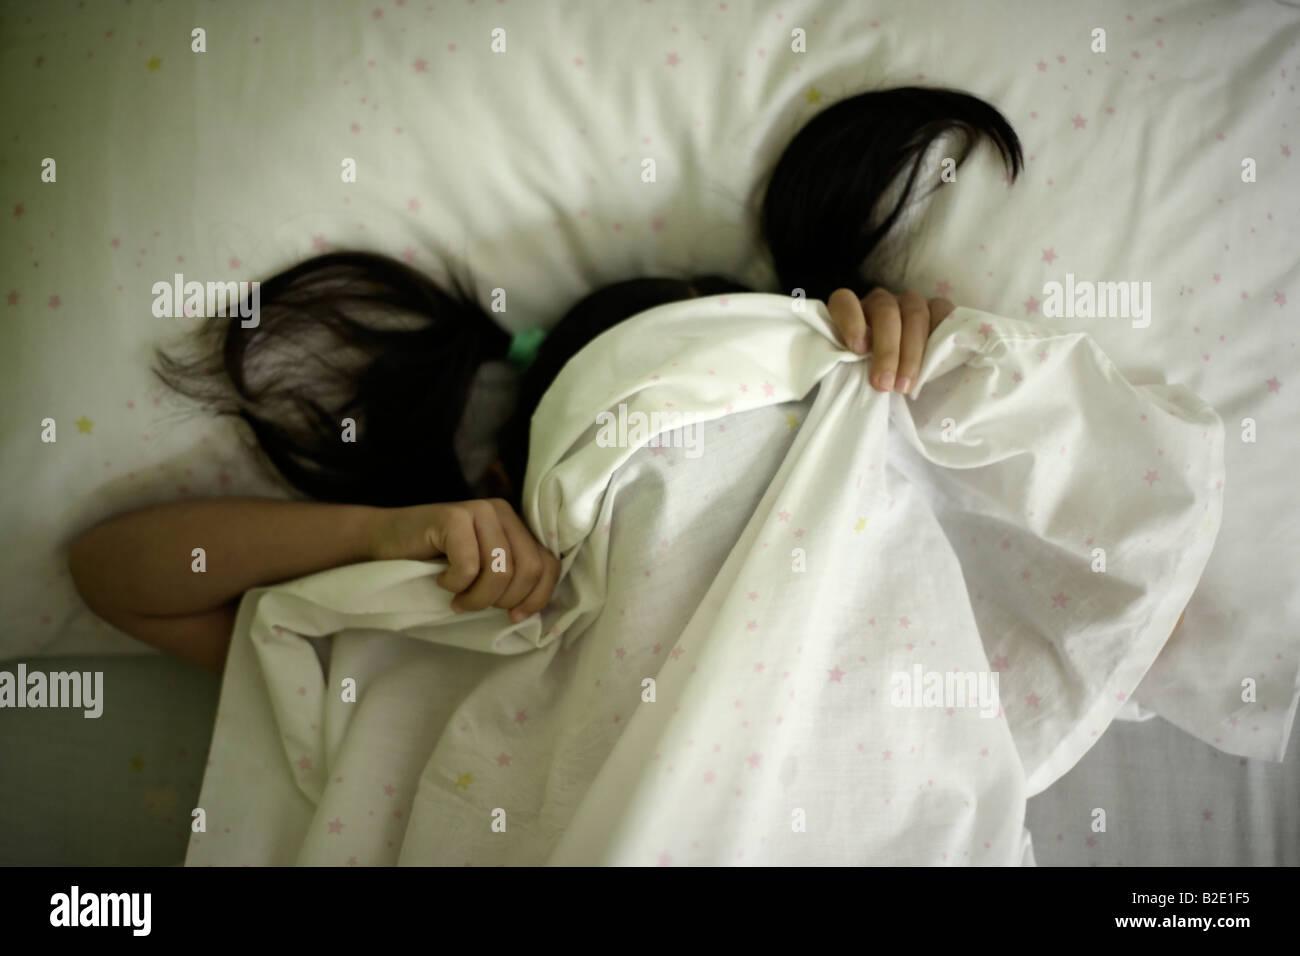 Fünf Jahre altes Mädchen versteckt sich unter Blätter nach Wutanfall Stockbild